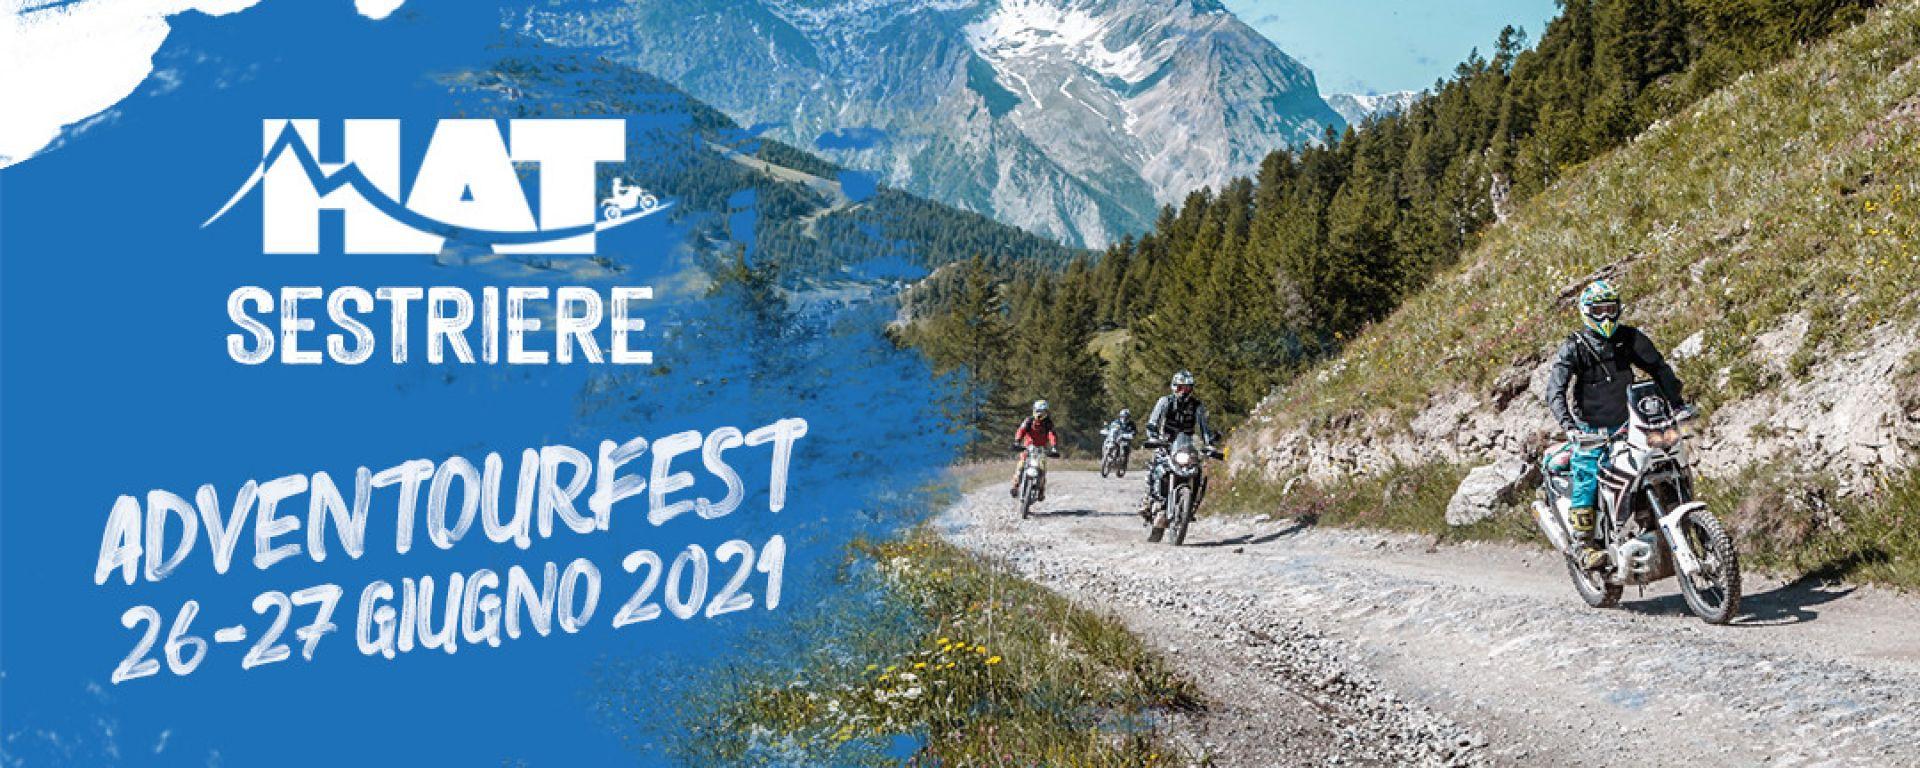 Torna la HAT Sestriere Adventurefest 2021. Le moto da provare e gli eventi